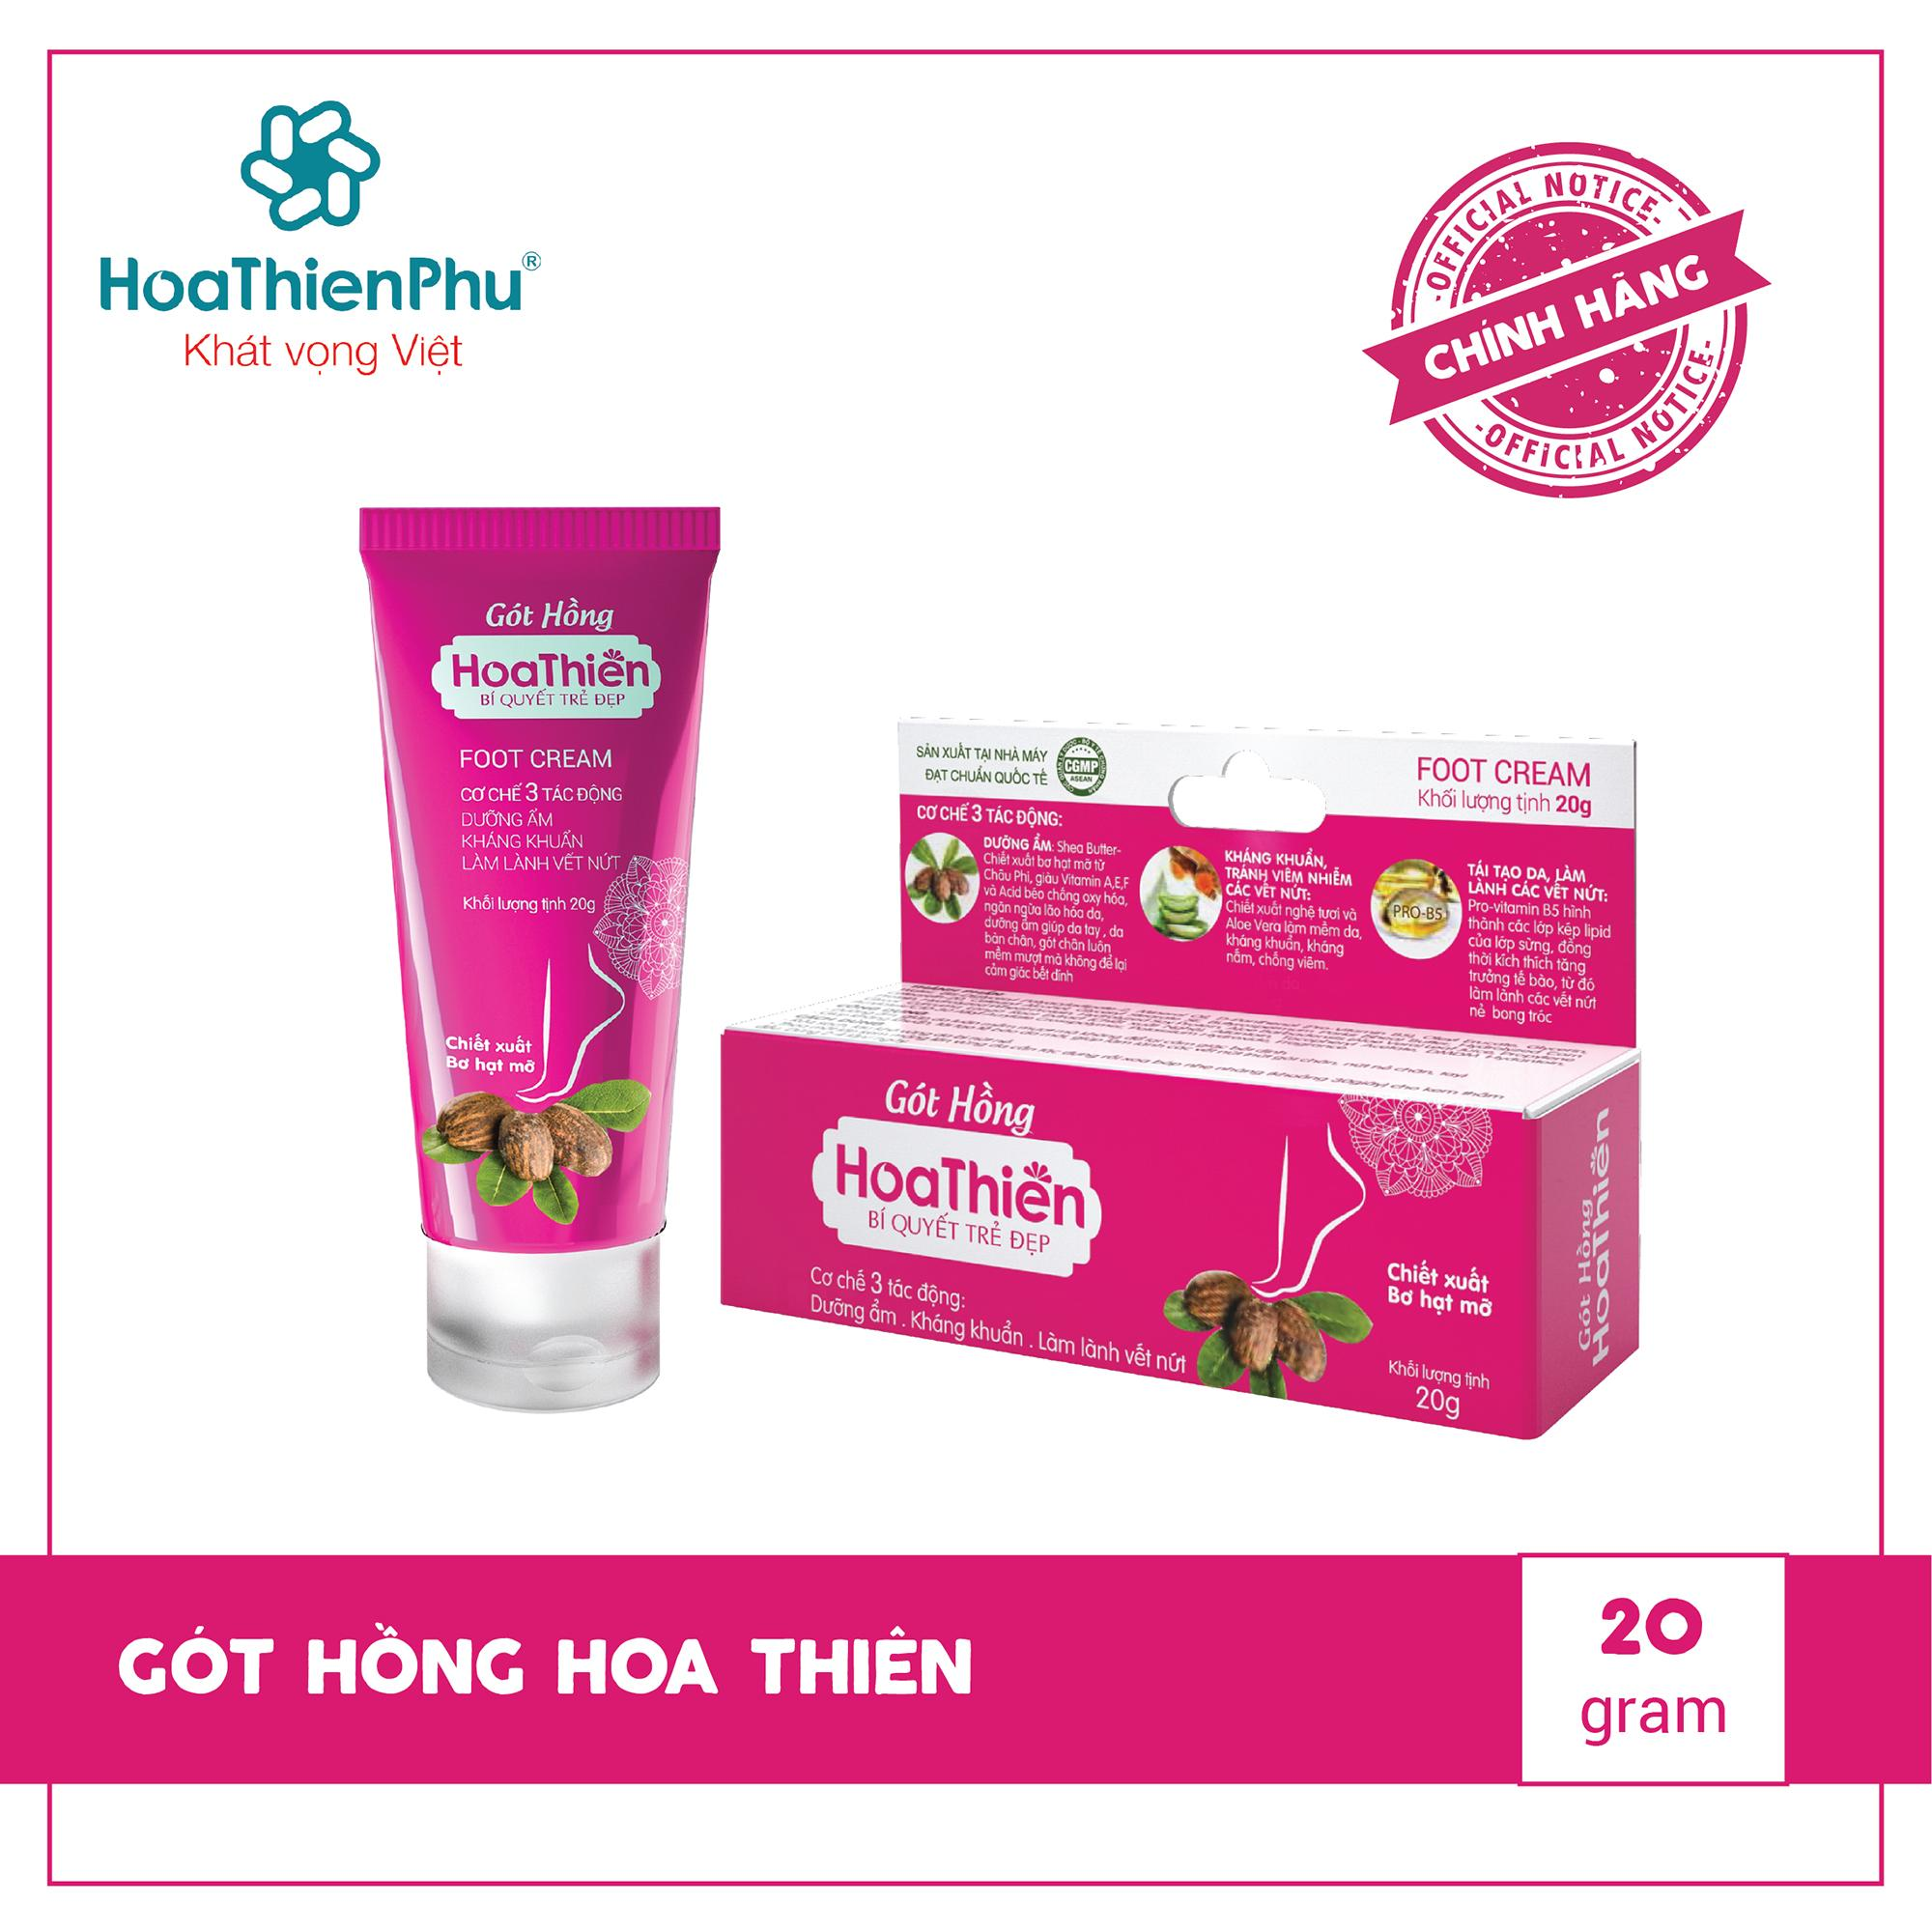 Kem gót hồng Hoa Thiên giúp đôi bàn tay, chân mịn màng, mềm mượt nhập khẩu